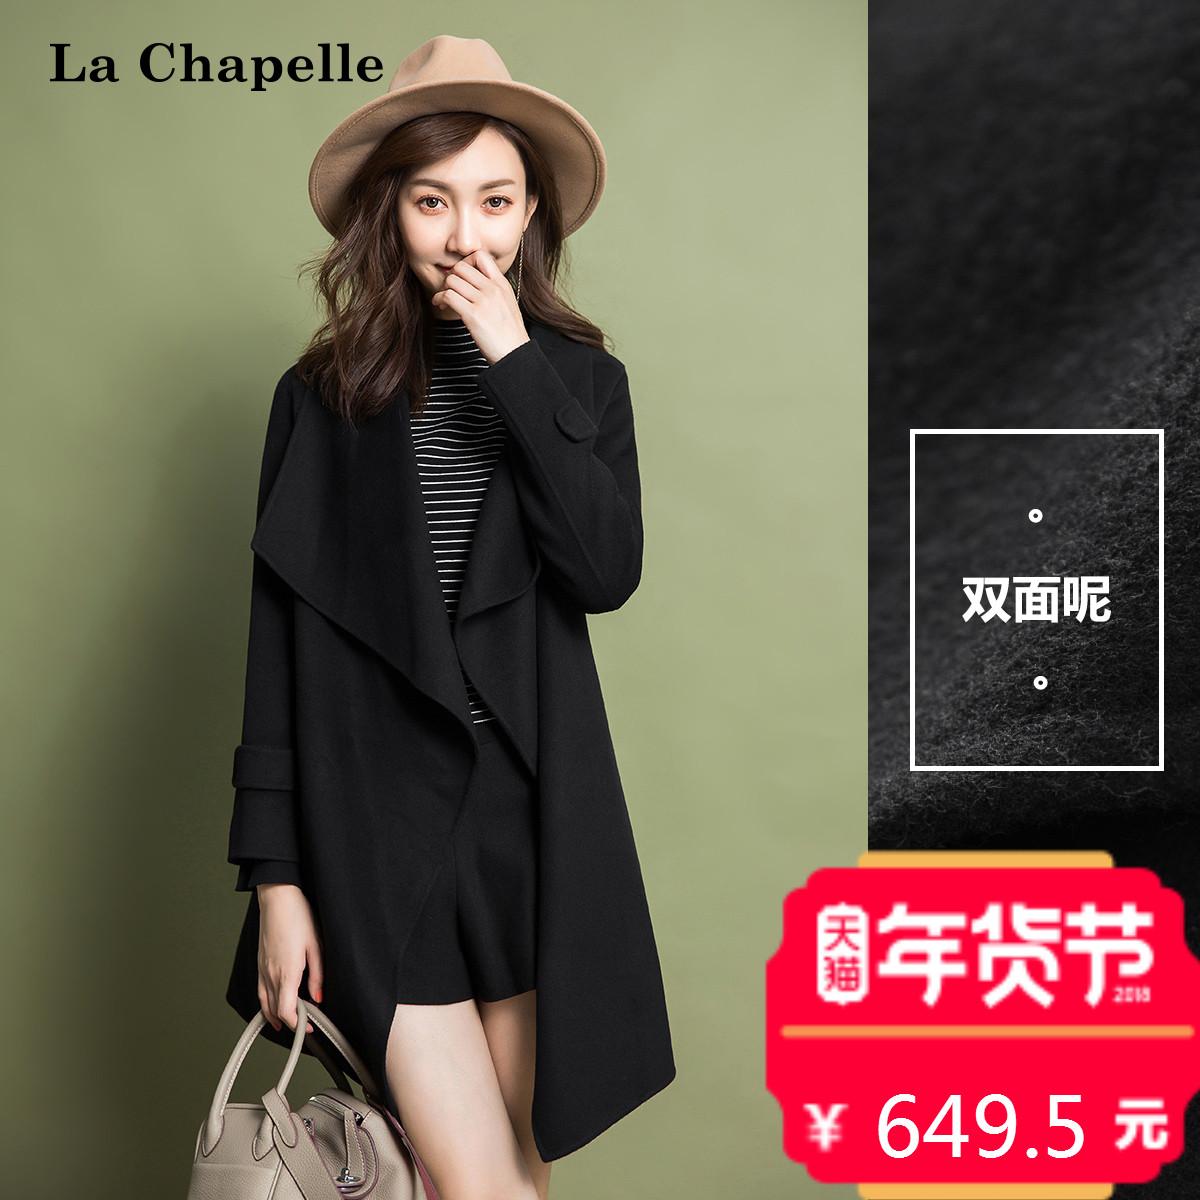 双面呢羊毛呢大衣外套女士中长款2017秋冬季新款韩版时尚宽松显瘦